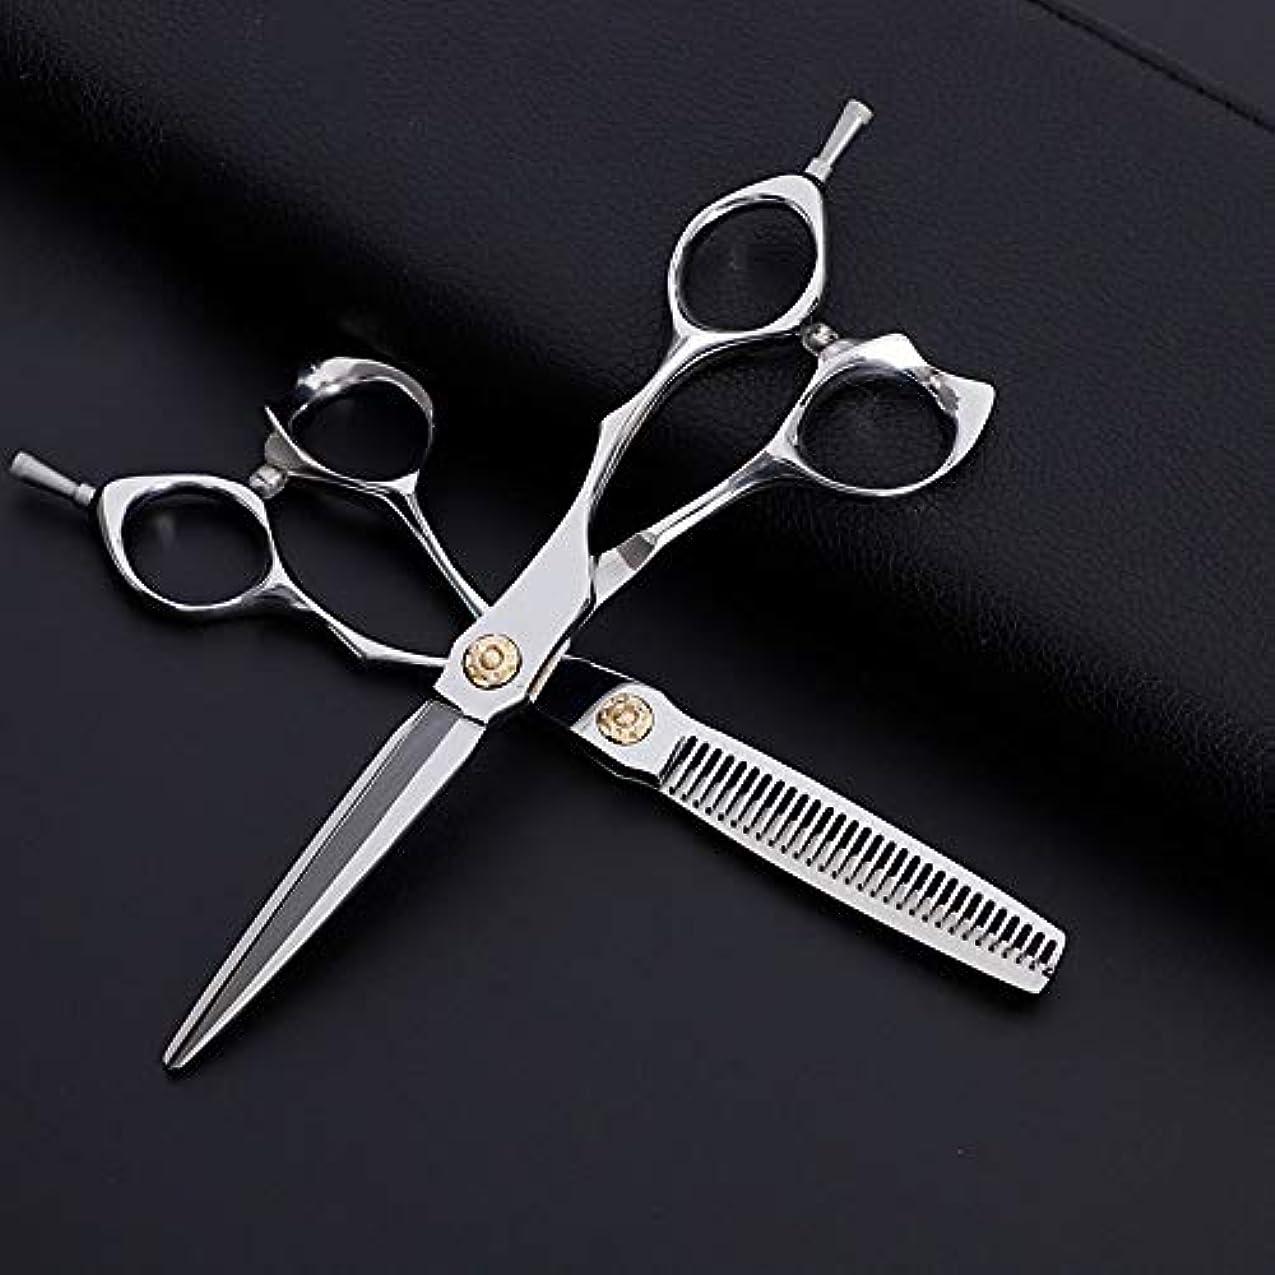 早いこどもセンター一瞬理髪用はさみ 6インチ美容院プロフェッショナルなヘアカットフラット+歯はさみセット、クラシック斜めハンドル理髪はさみヘアカット鋏ステンレス理髪はさみ (色 : Silver)